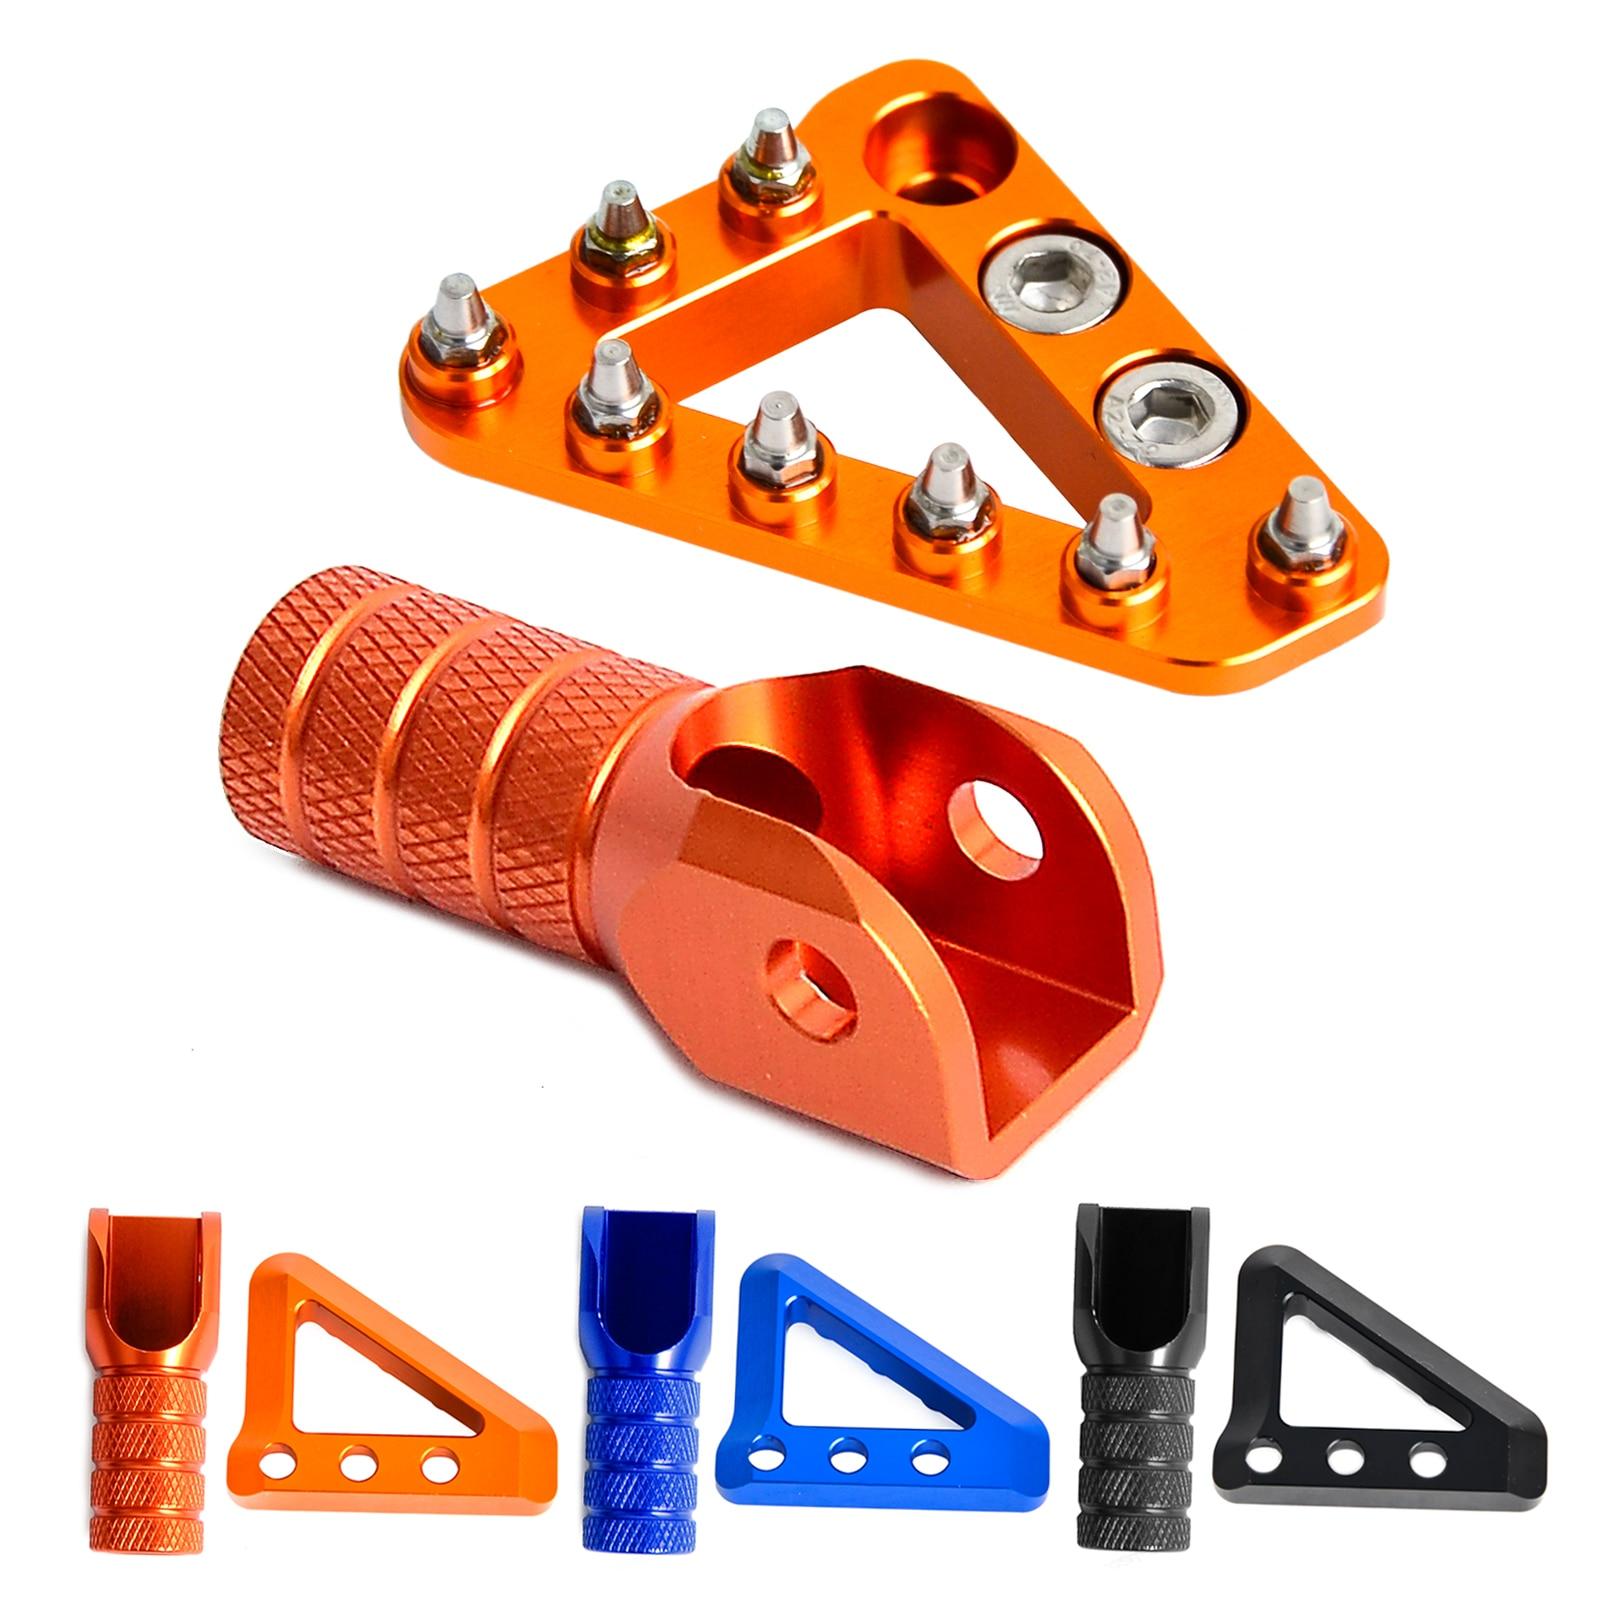 NICECNC pedal de freno trasero paso punta y palanca de cambio de marchas punta para KTM 125, 150, 200, 250, 300, 350, 400, 450, 500 SX SX-F EXC EXC-F XCW XC-F